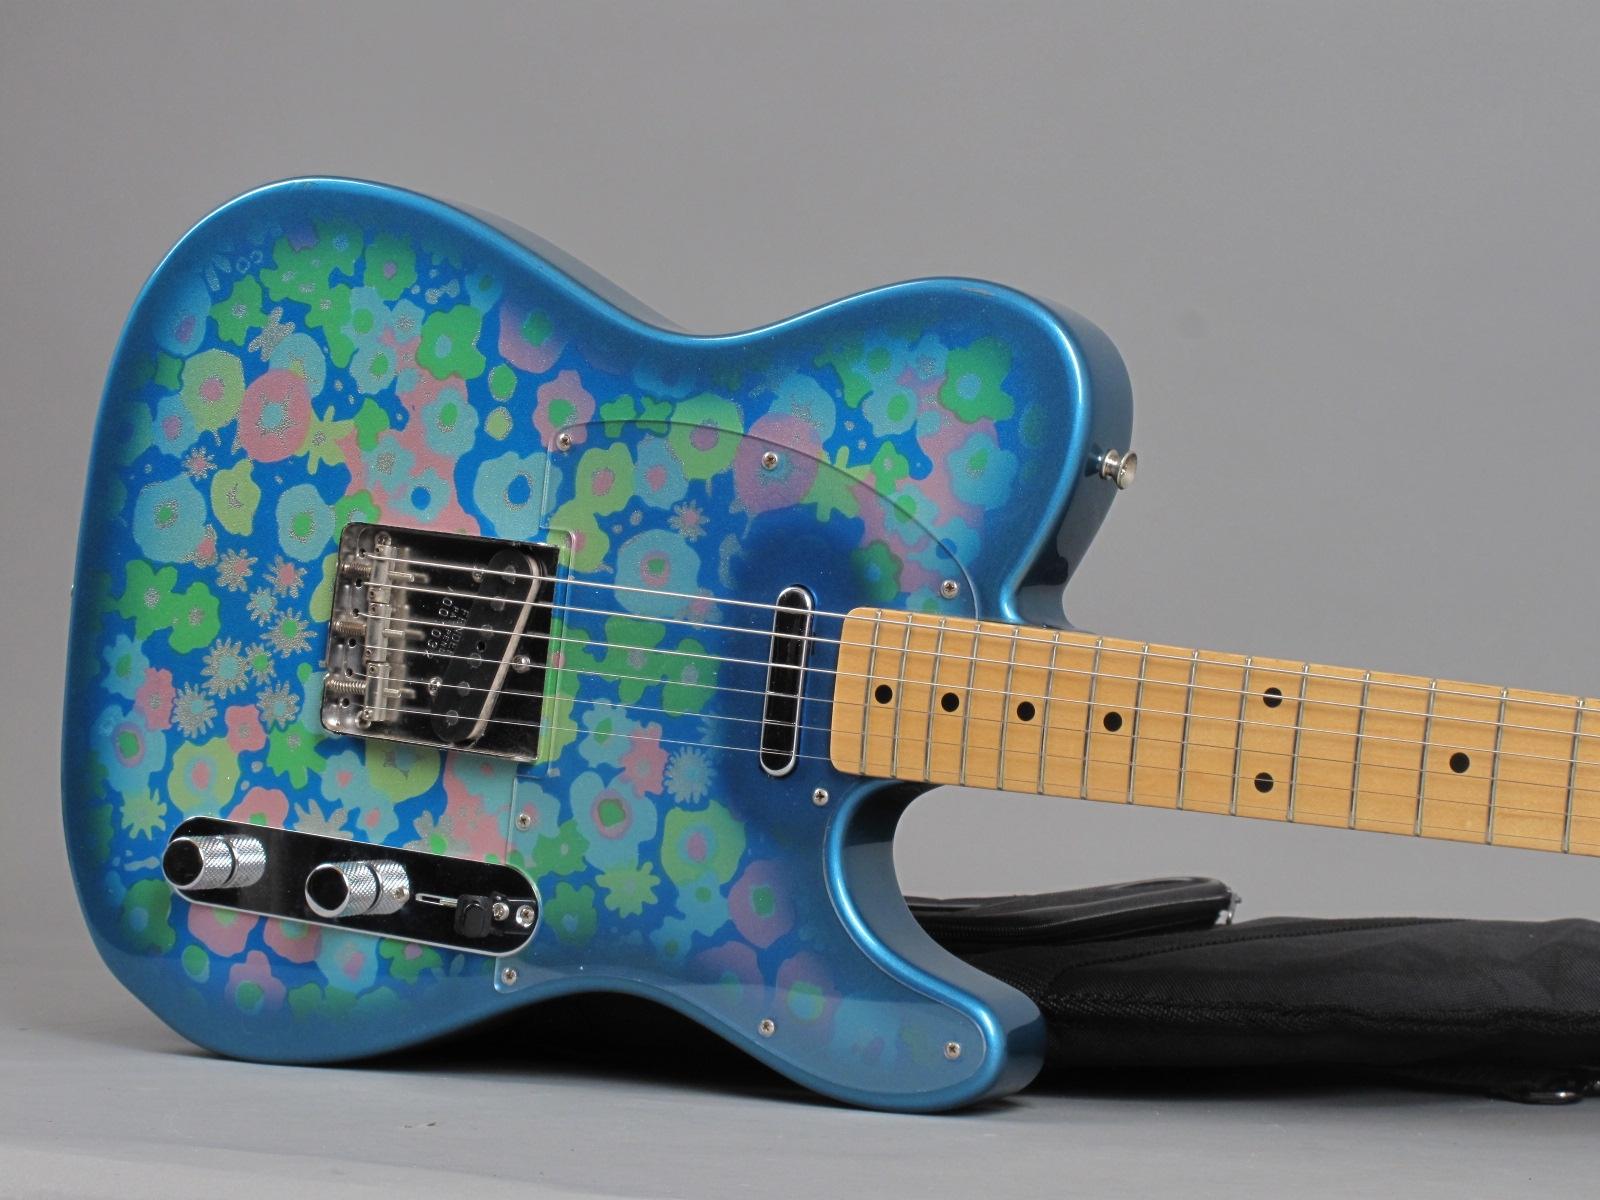 https://guitarpoint.de/app/uploads/products/1999-fender-telecaster-blue-flower-mij/1999-Fender-Tele-Blue-Flower-P077749_19.jpg